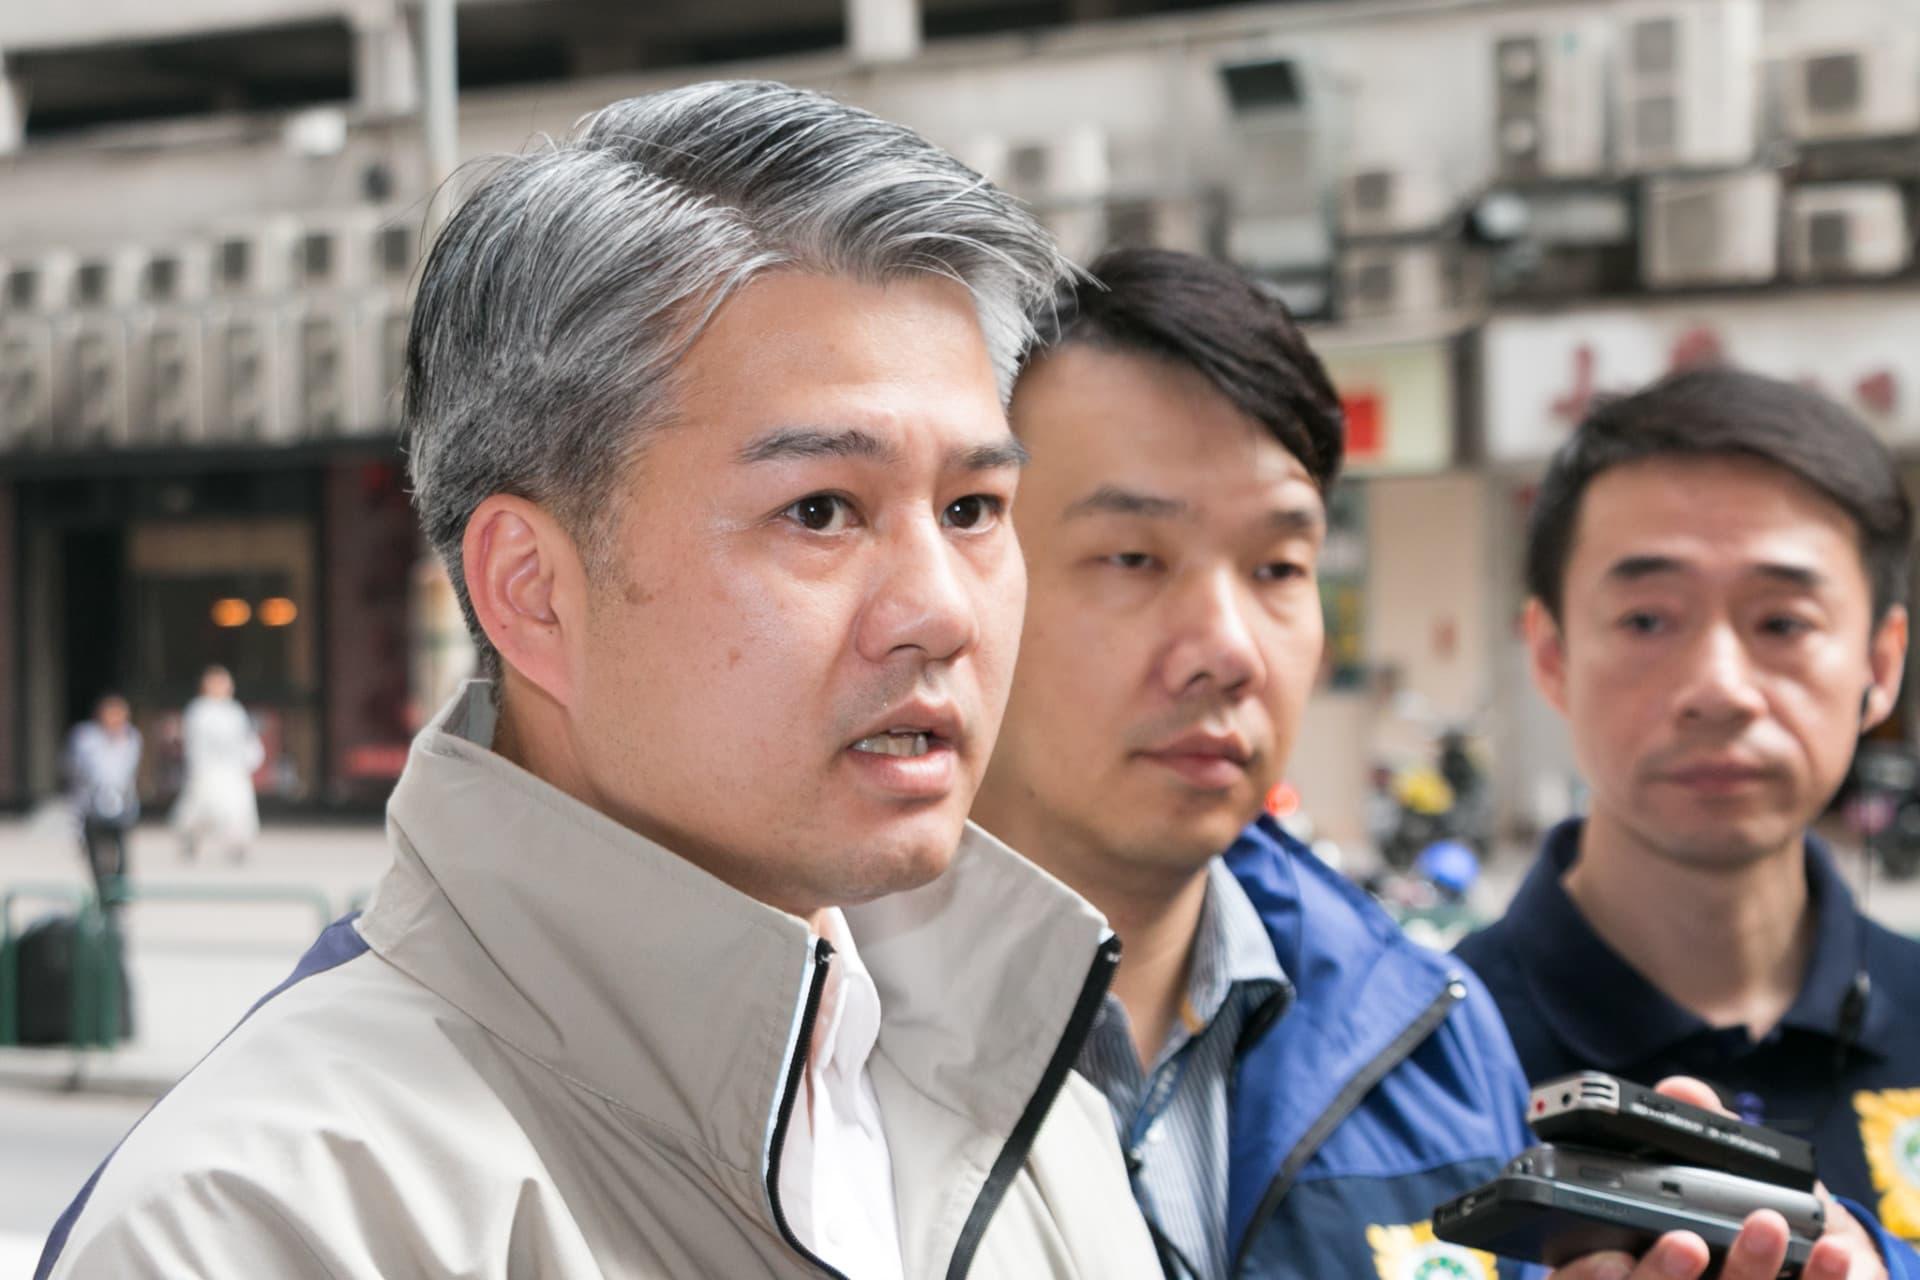 司警社區警務及公共關係處處長鄭寶湘(圖左)